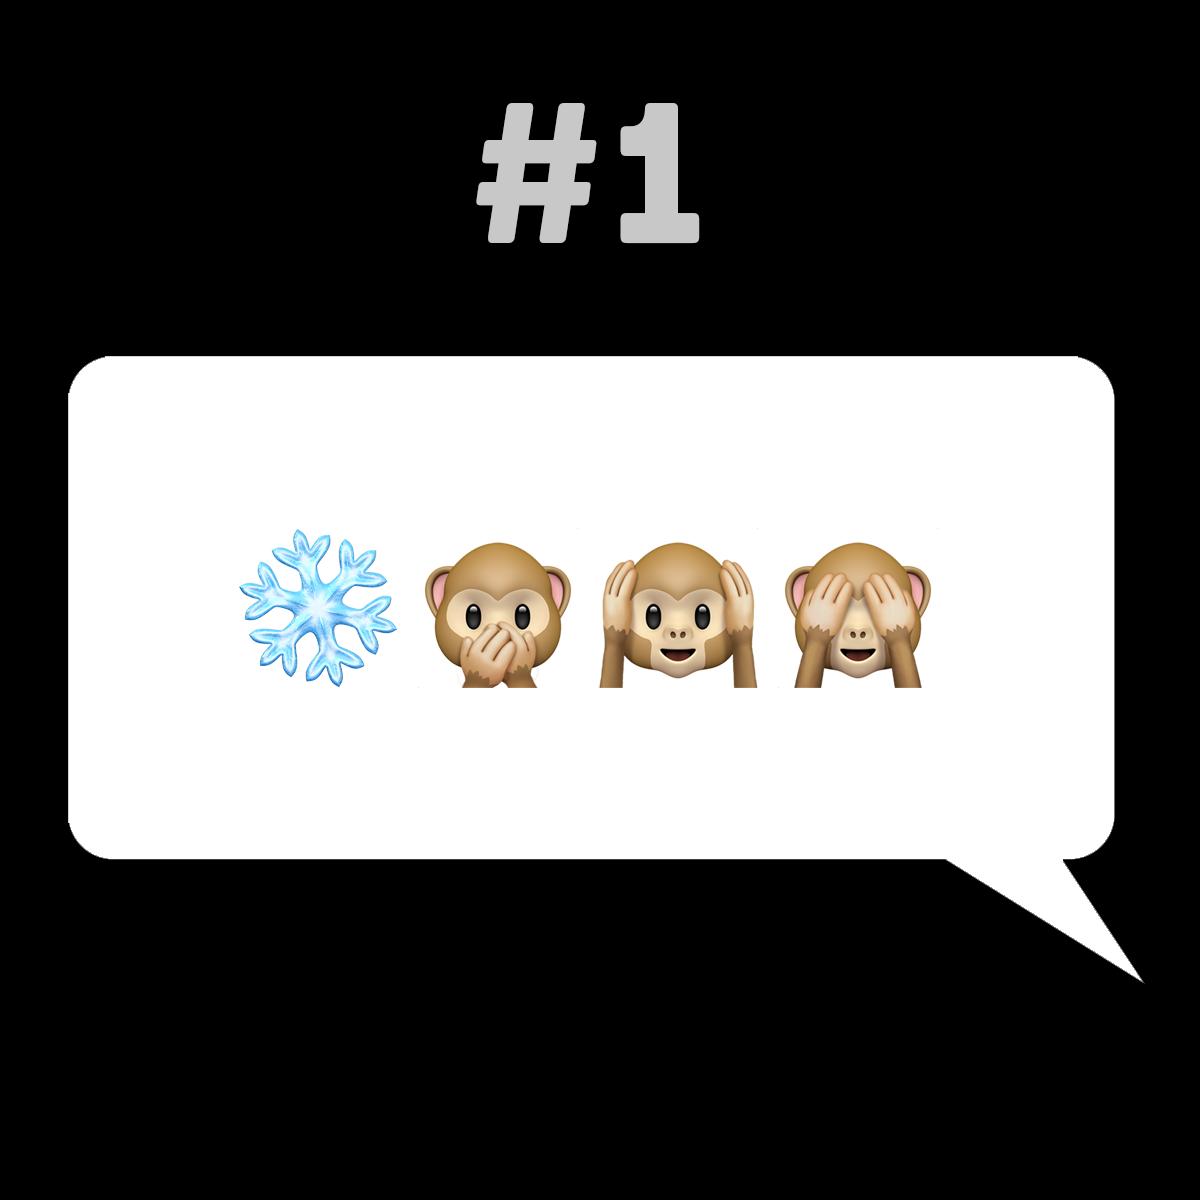 Musik-Acts in Emojis emojibands_01